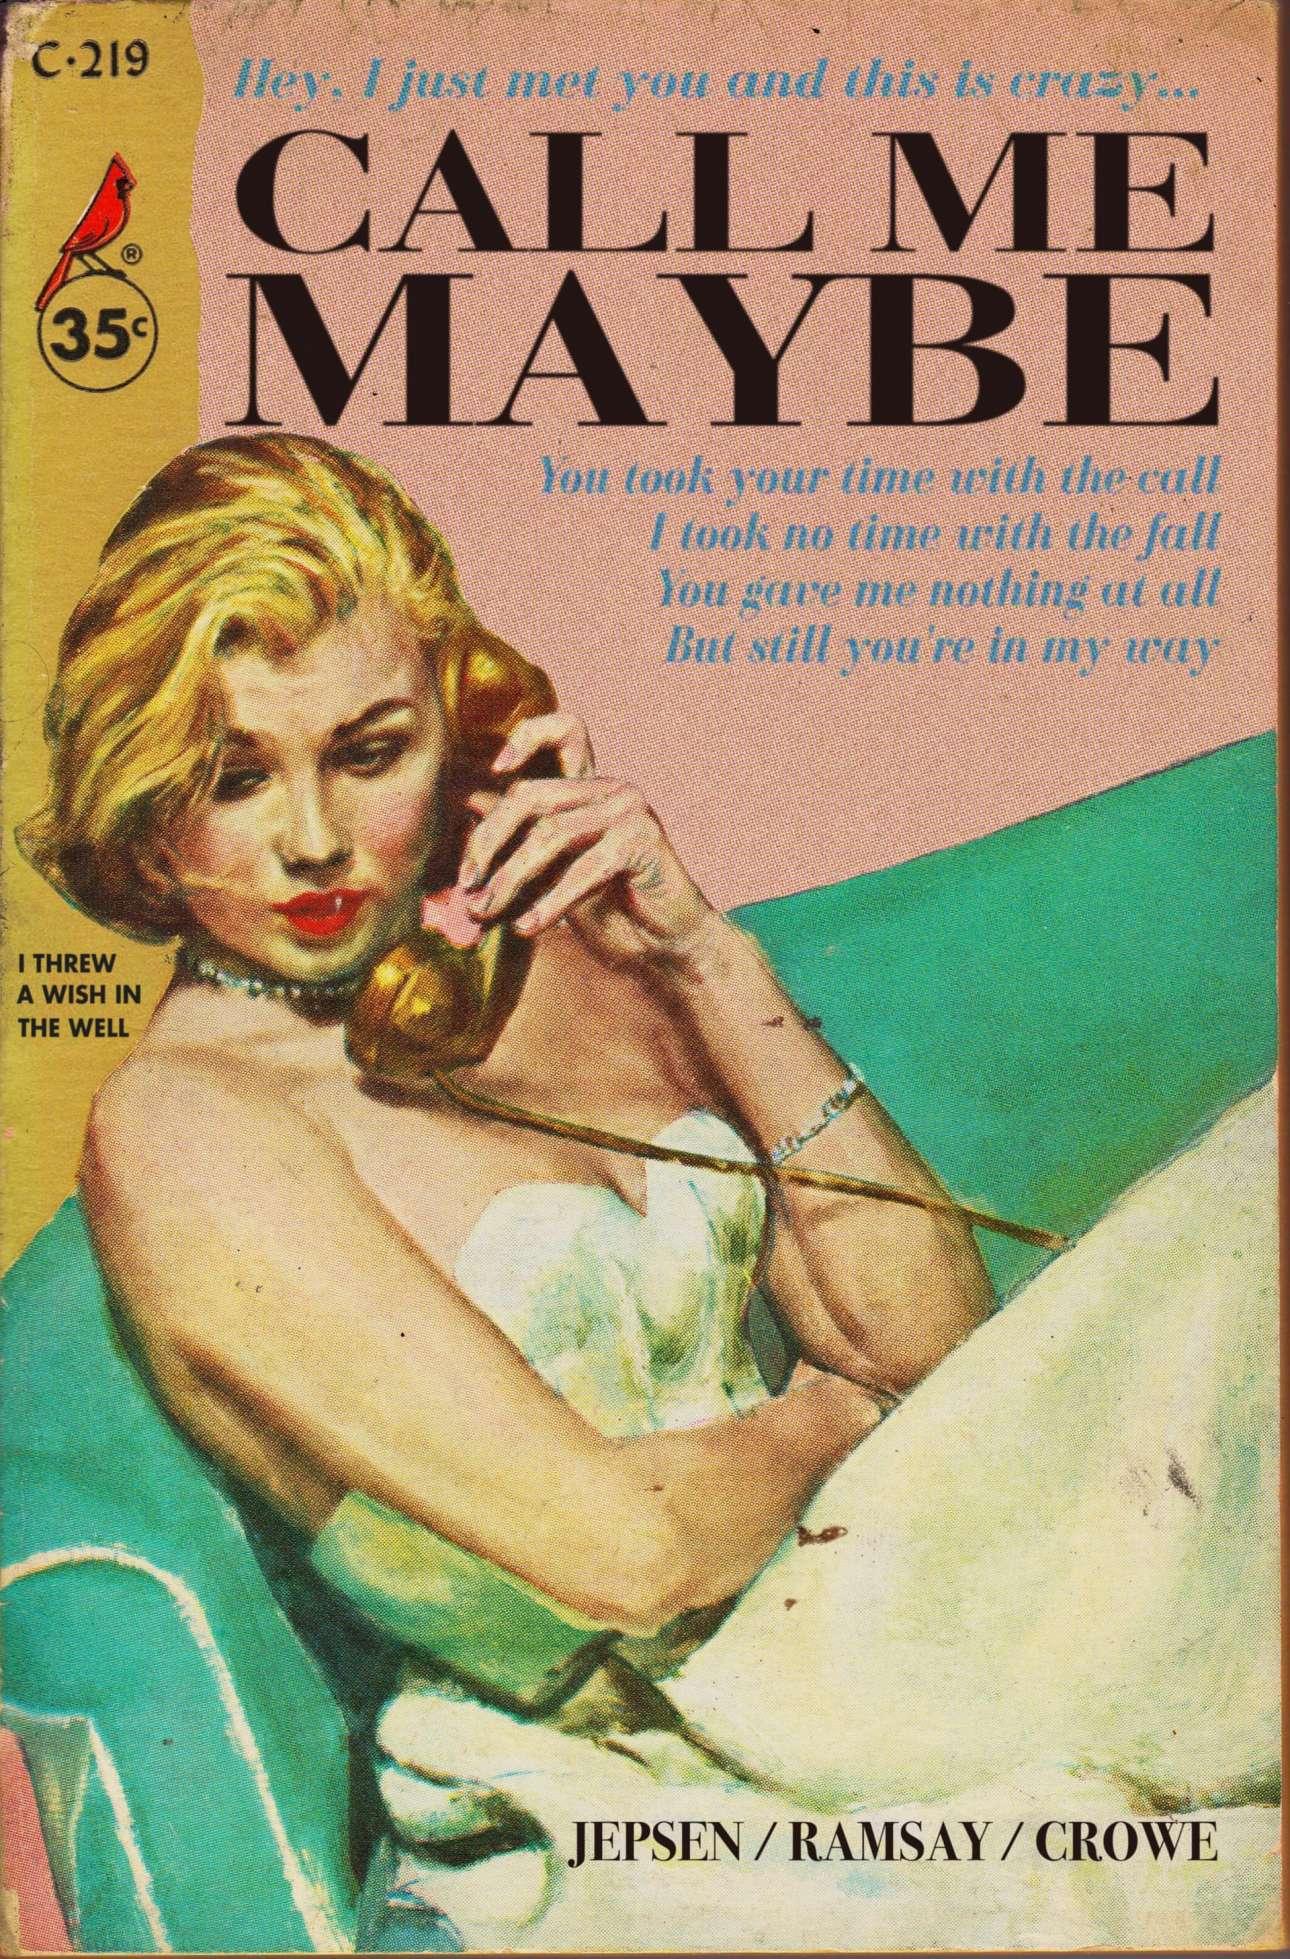 Ενα πιο σύγχρονο τραγούδι με νοσταλγικό εξώφυλλο: το Call Me Maybe της Κάρλι Ρέι Τζέπσεν